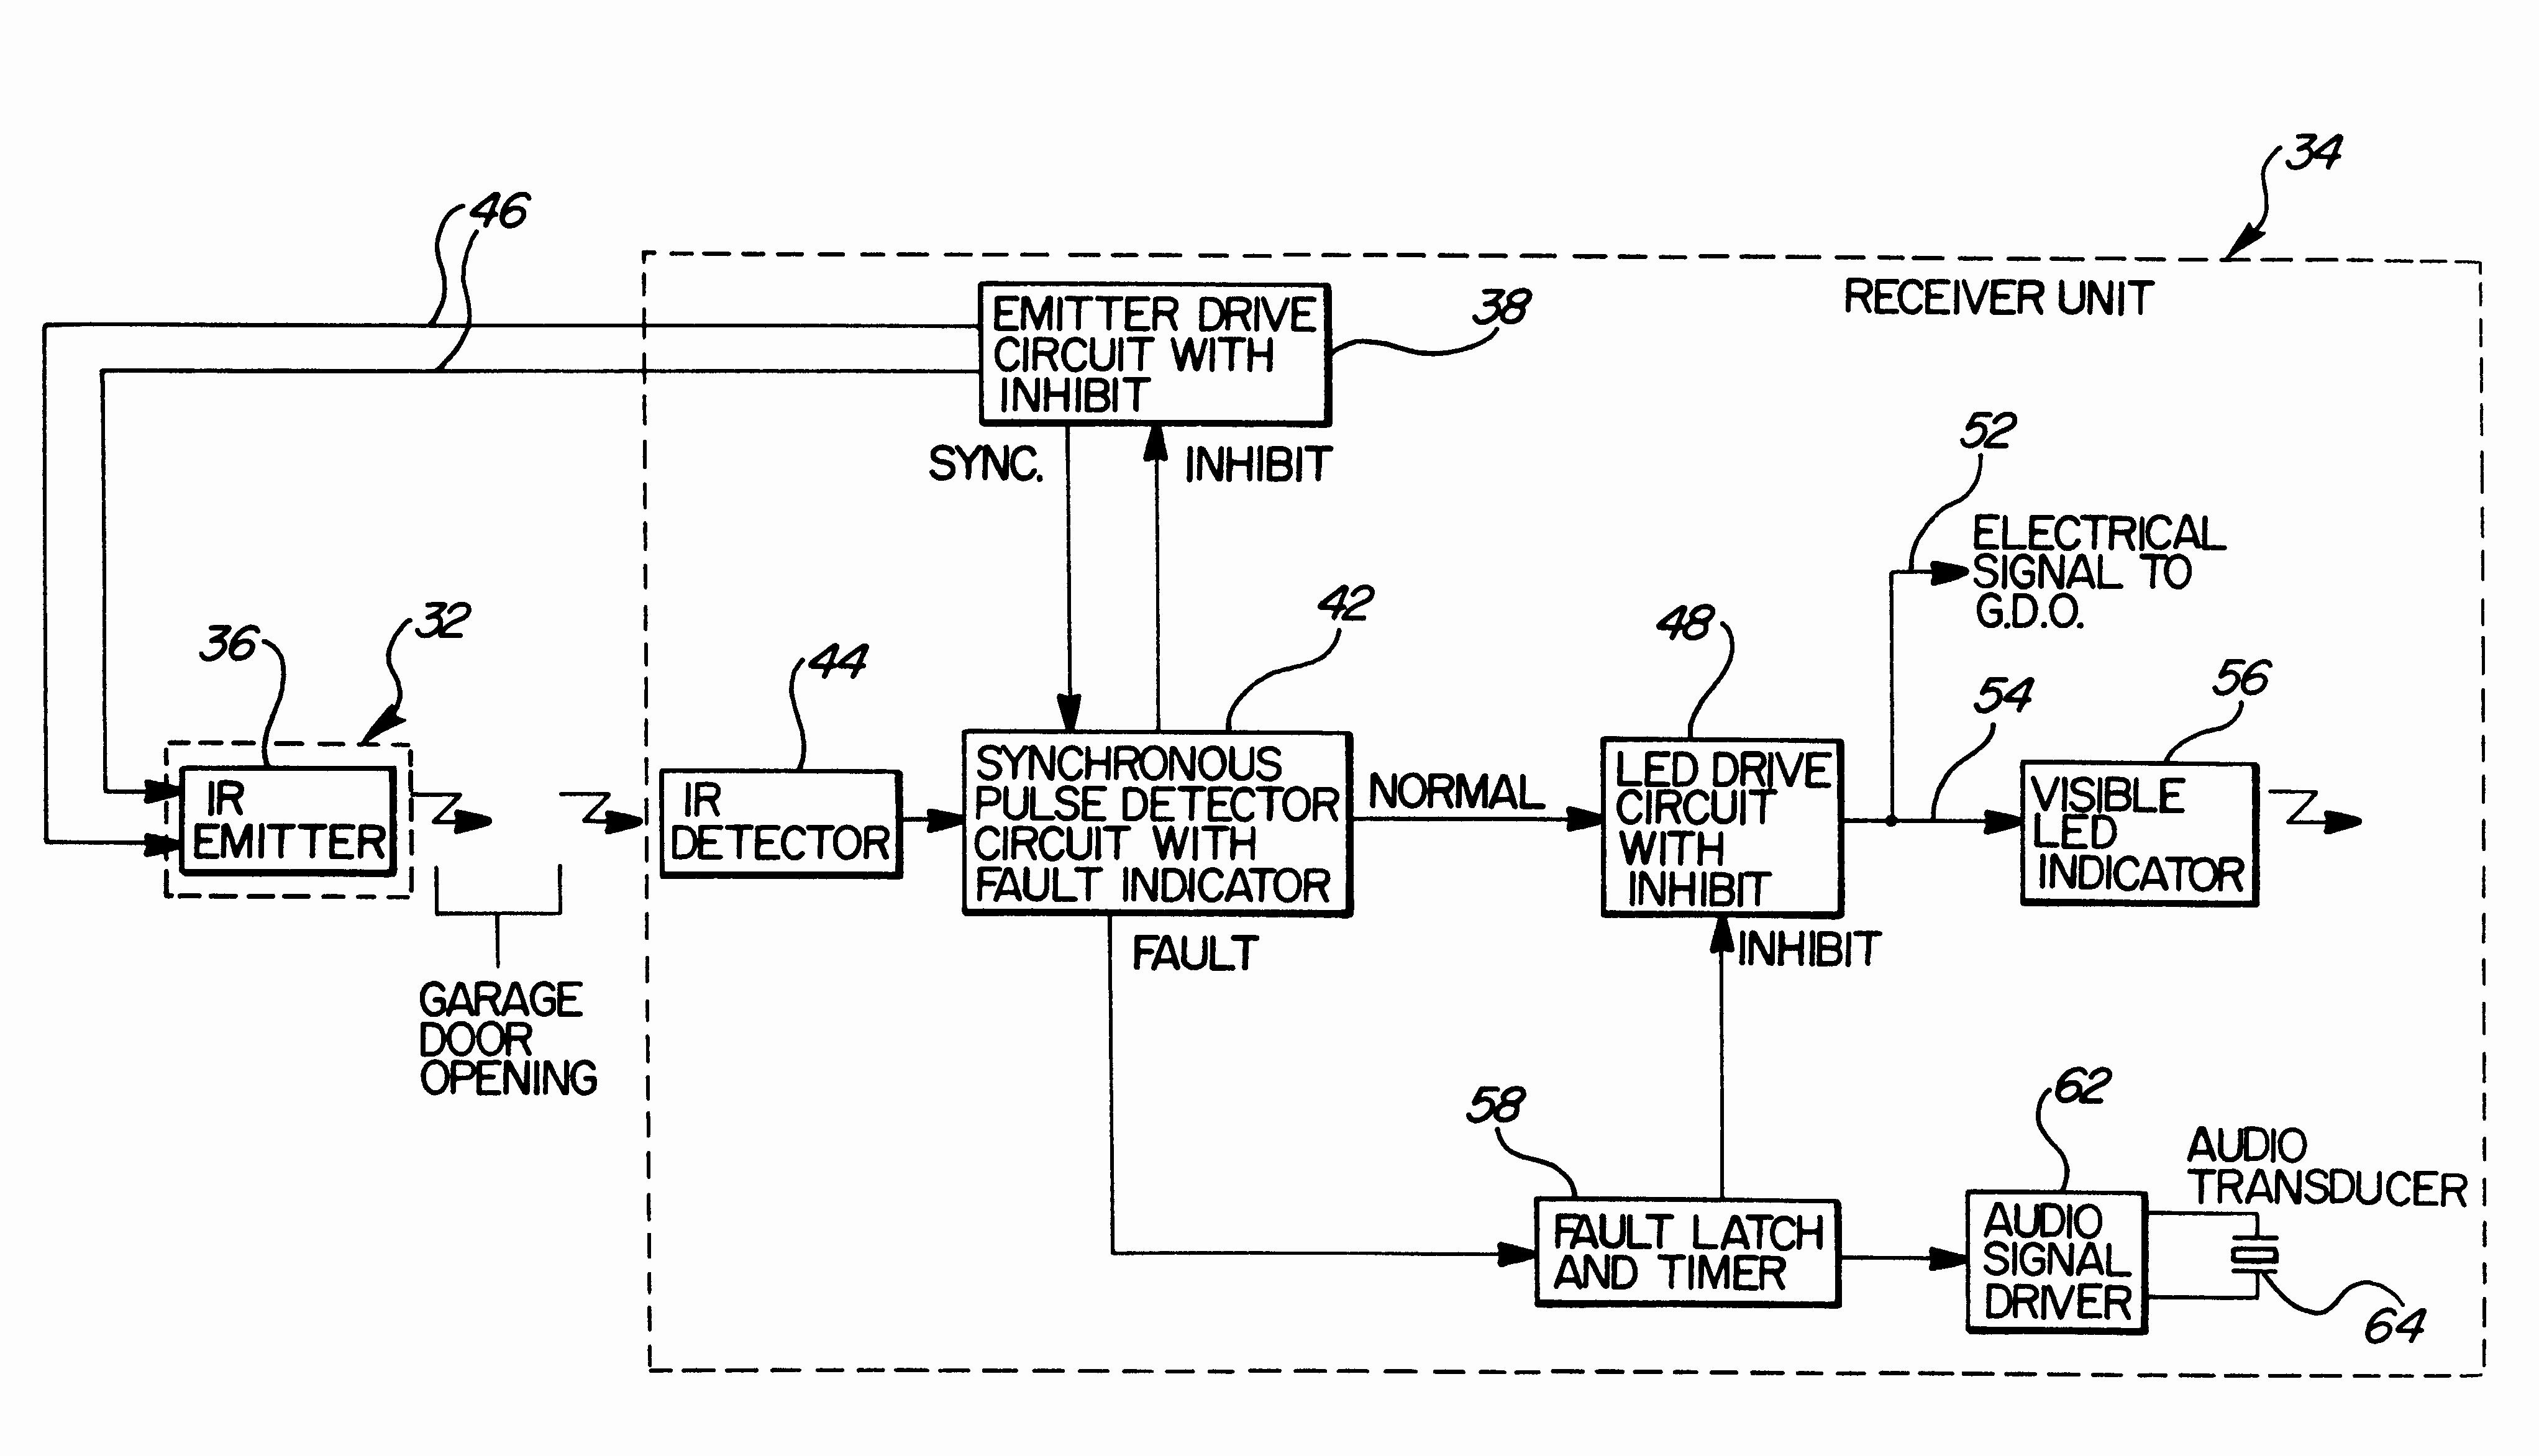 liftmaster garage door wiring diagram Collection-Liftmaster Garage Door Opener Wiring Diagram Best Wiring Diagram for Liftmaster Garage Door Opener Westmagazine 11-l